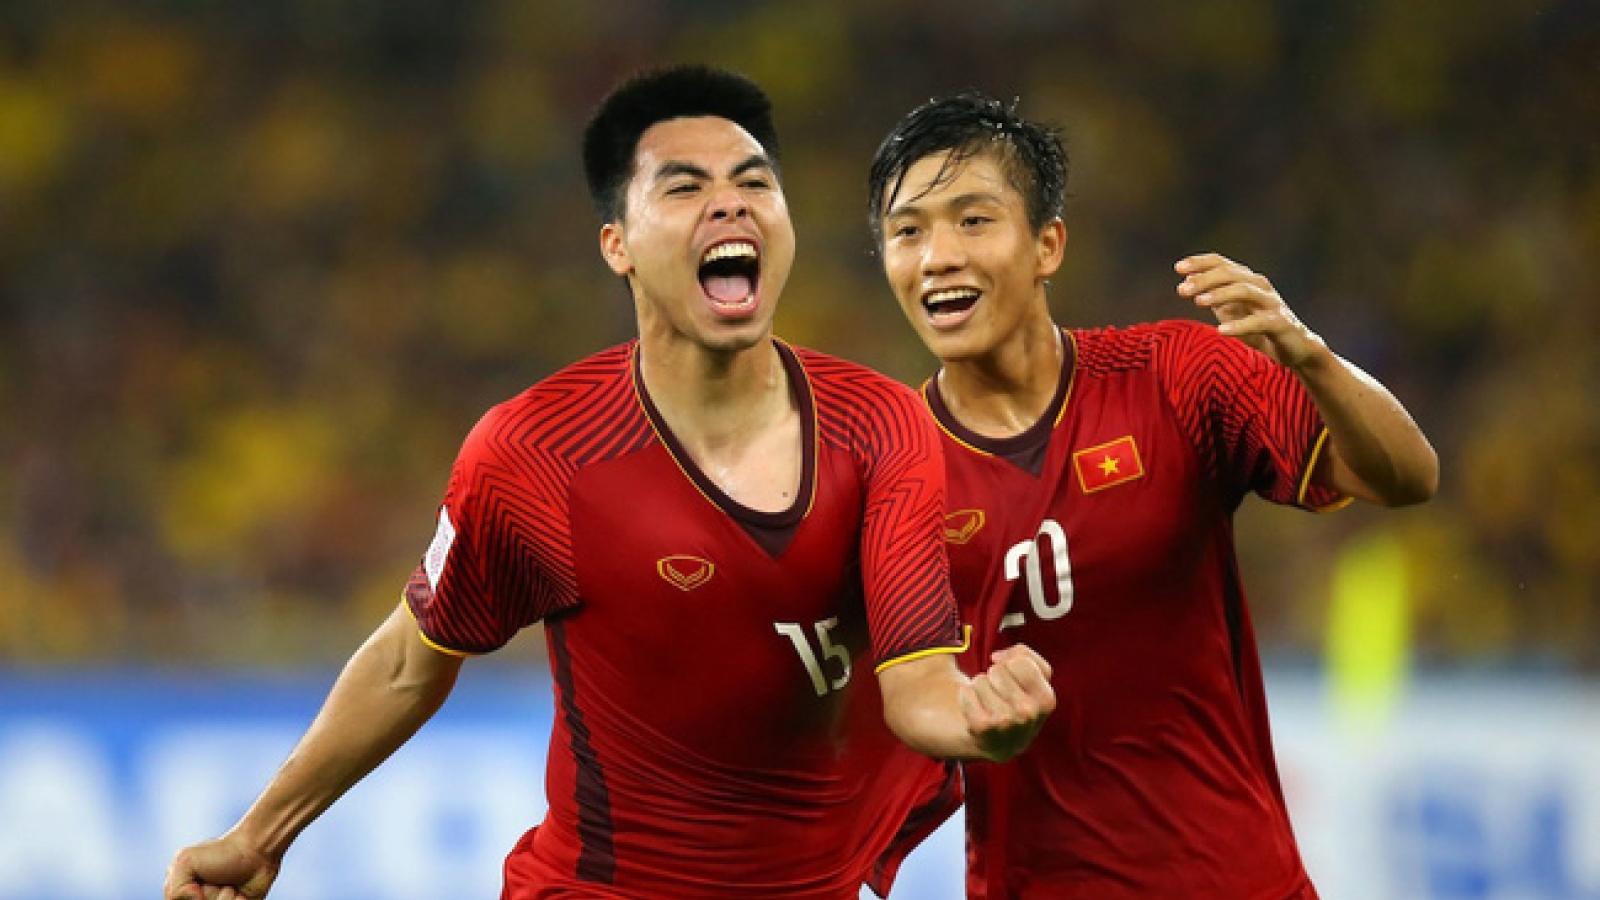 """Đội hình """"siêu tấn công"""" của ĐT Việt Nam trước ĐT Indonesia"""